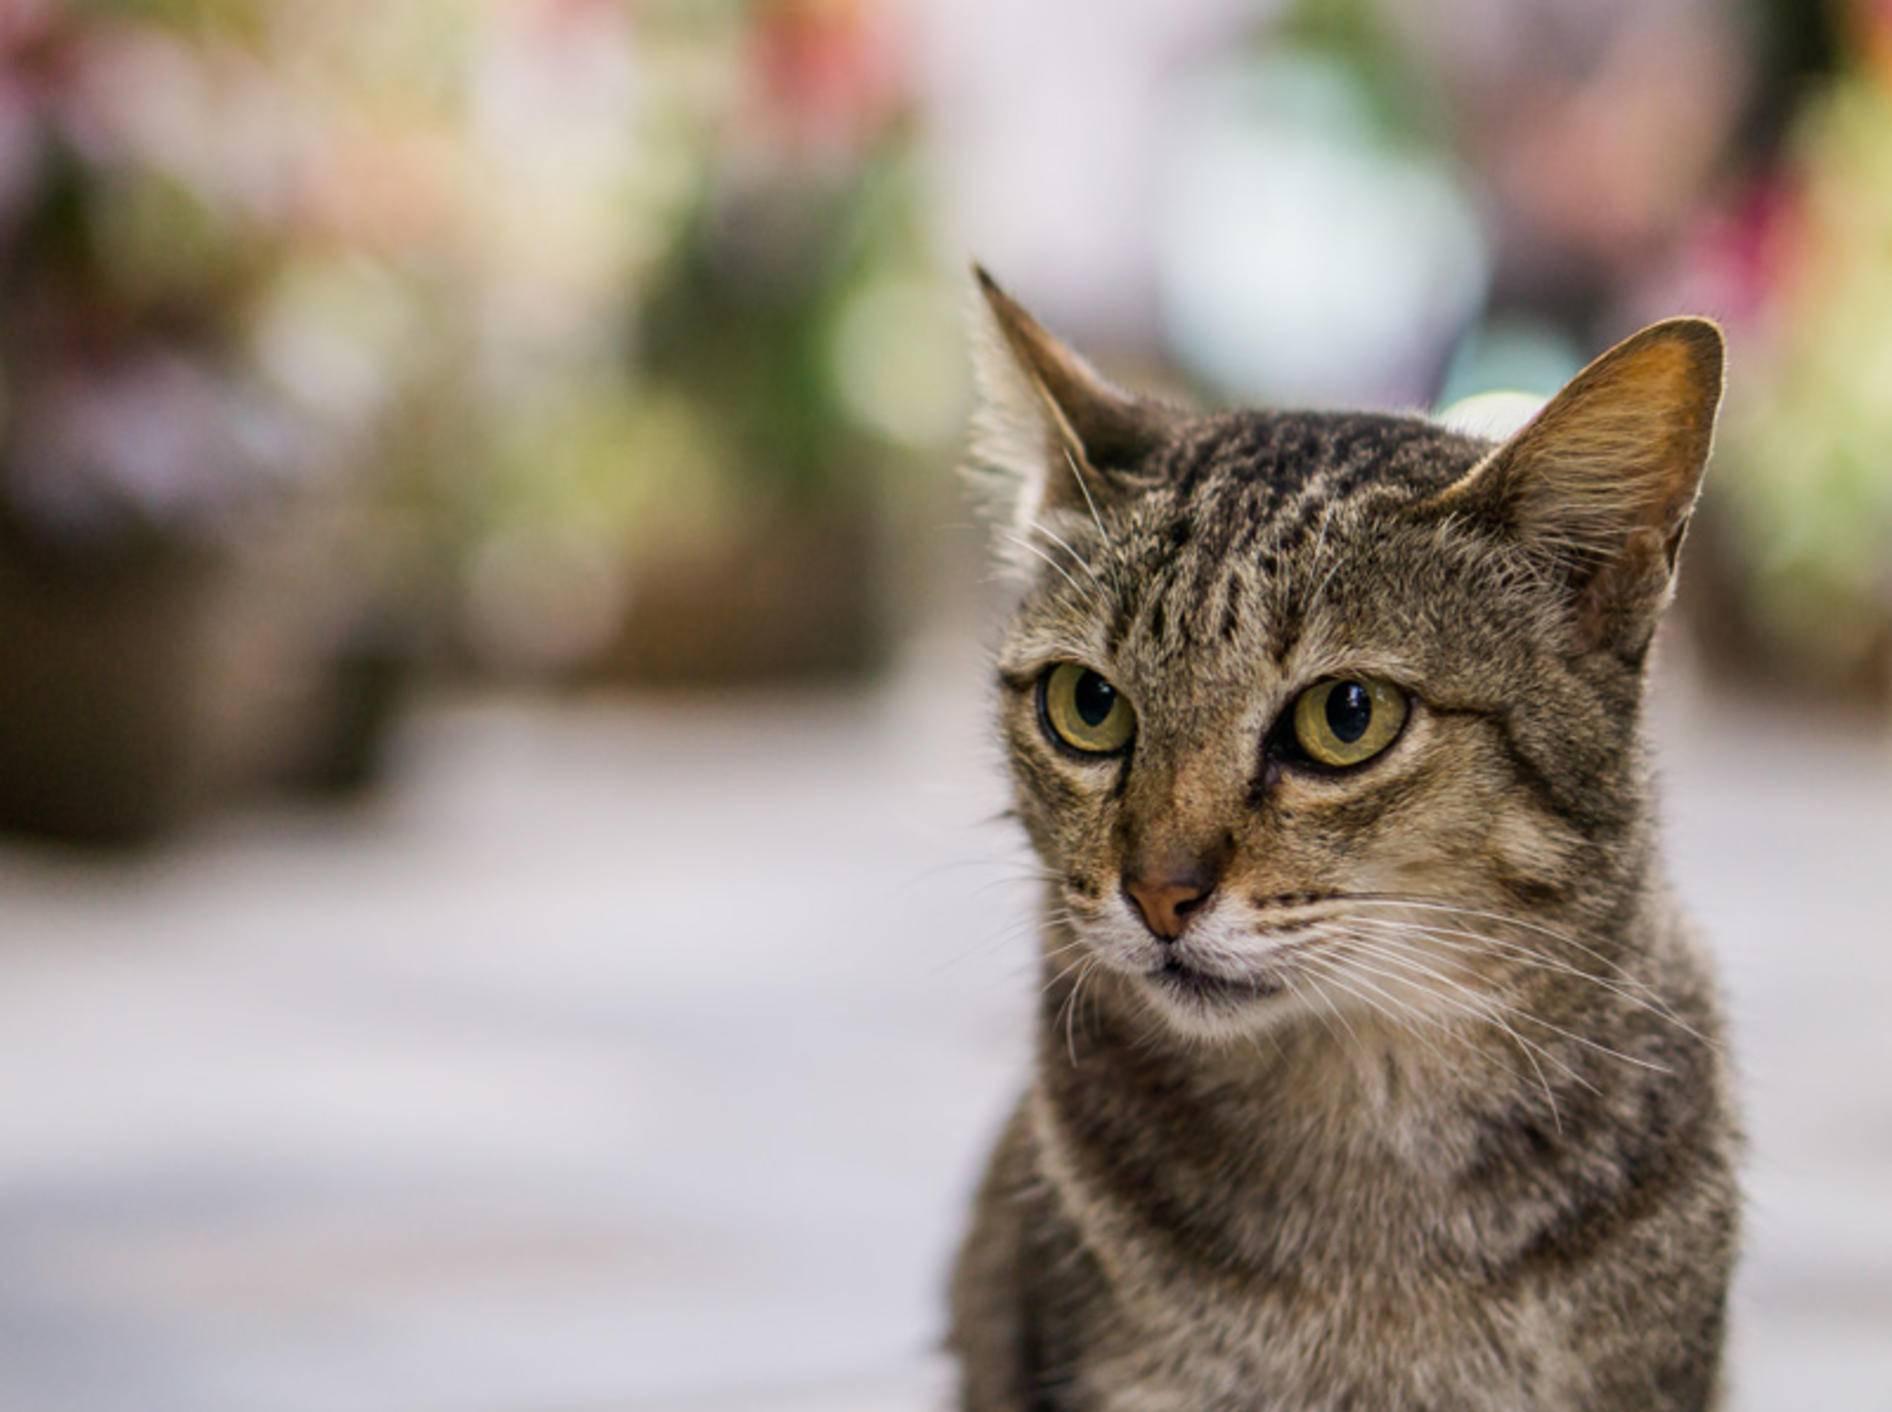 Spondylose kann auch junge Katzen treffen – Bild: Shutterstock / MR.WICHAI THONGTAPE